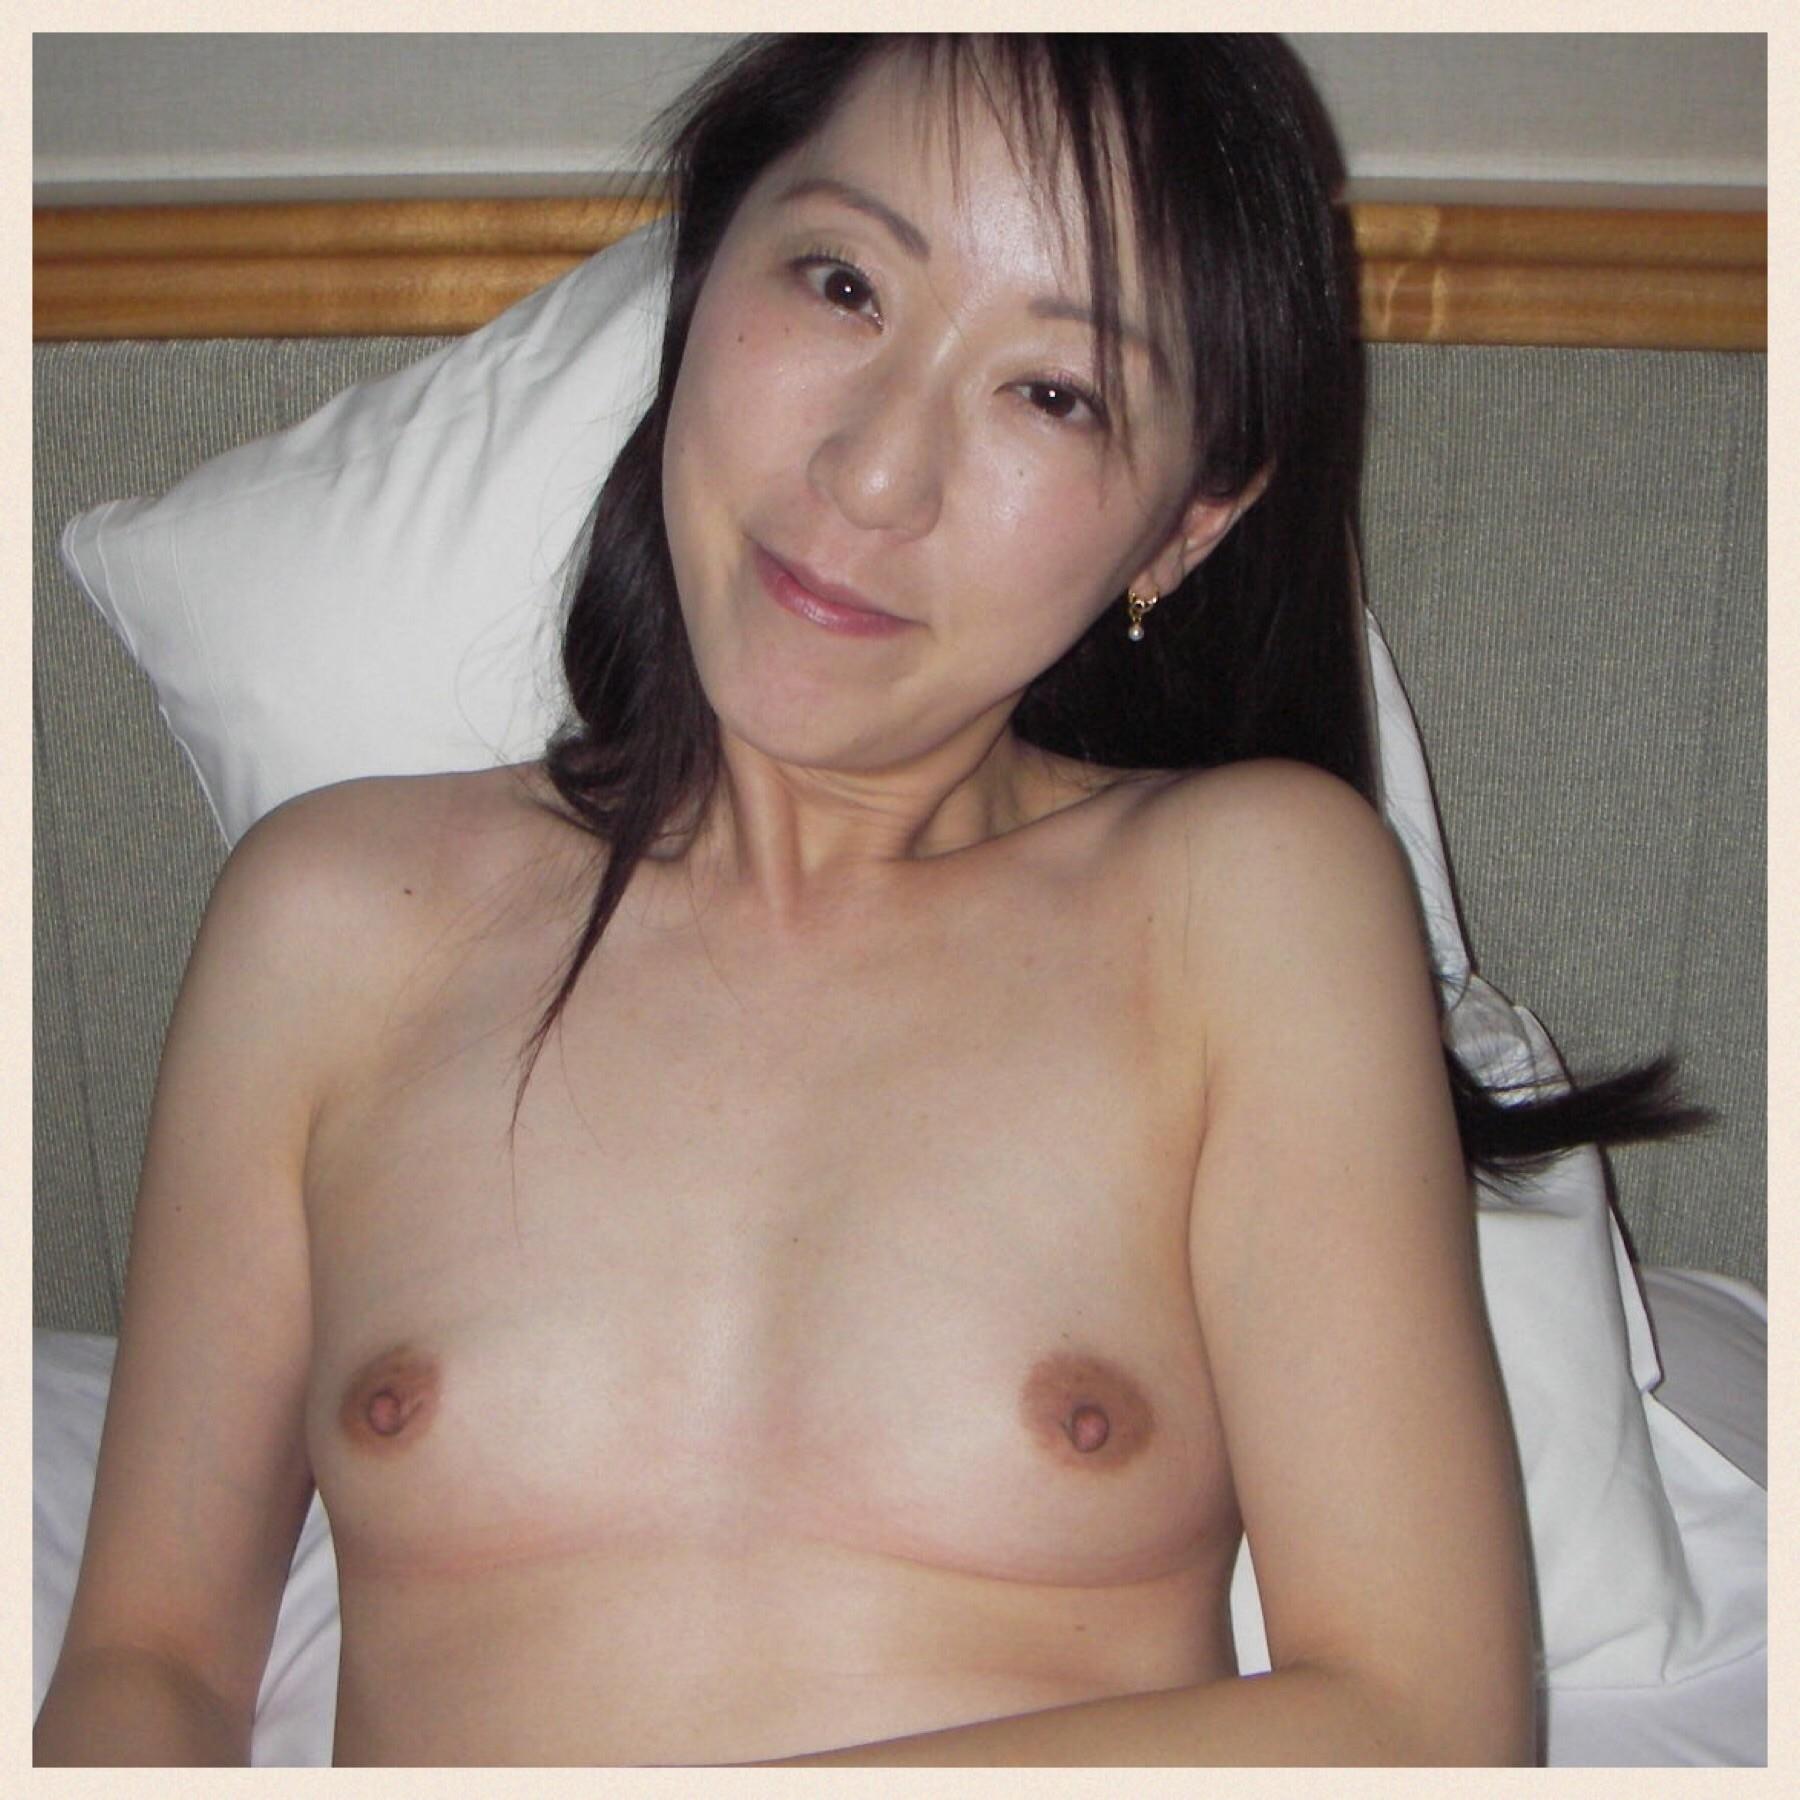 36-летняя японка Кумико сделала фото своей пизды на память